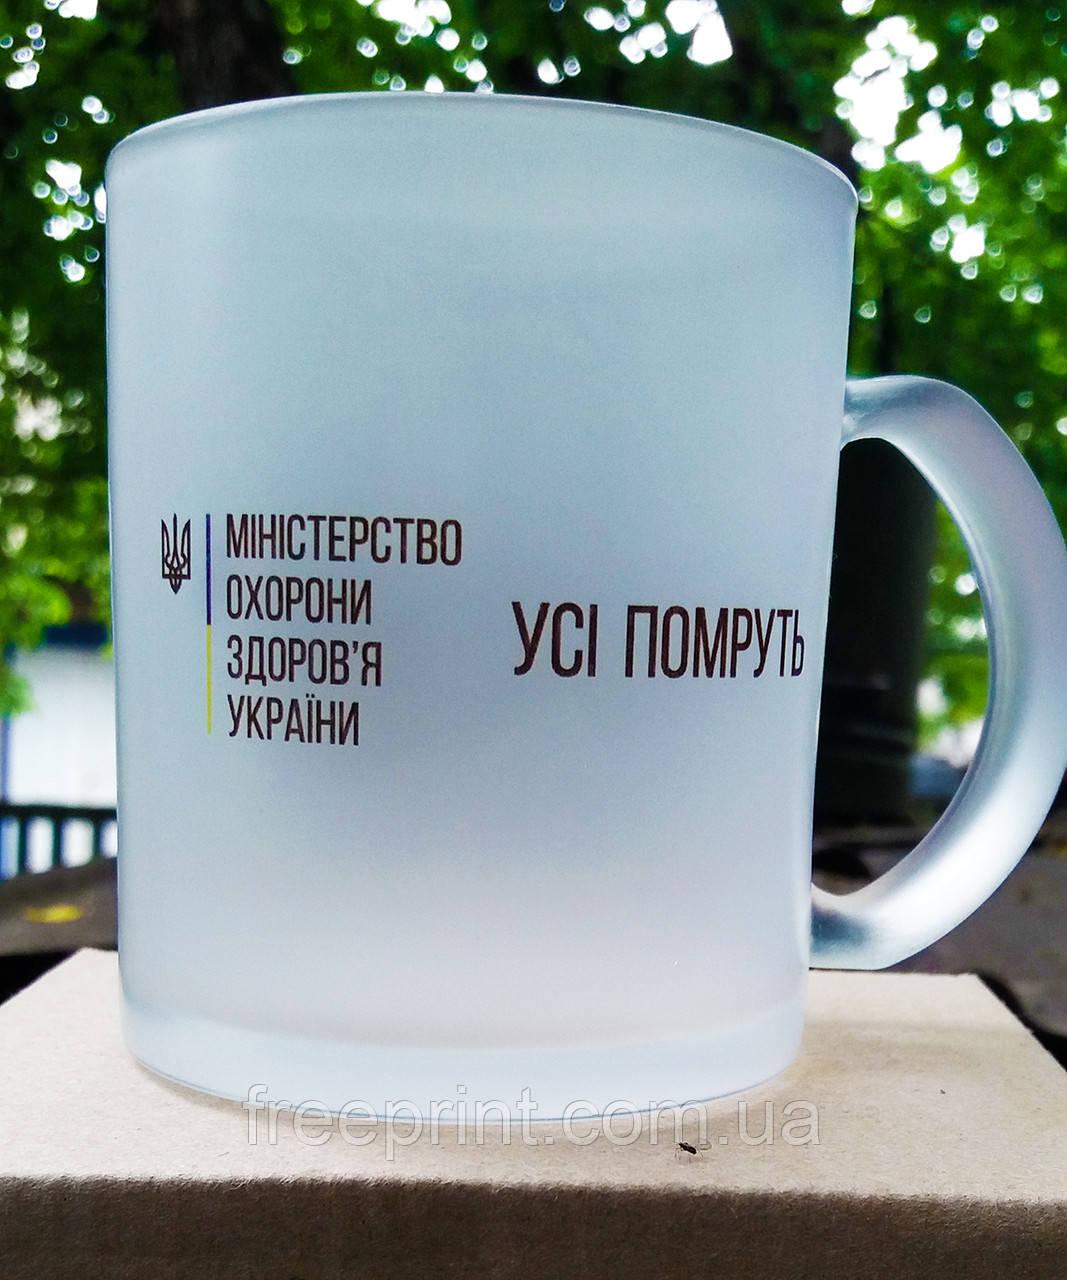 """Чашка-прикол """"Усі помруть"""". Подарунок для лікарів. Друк на чашках"""